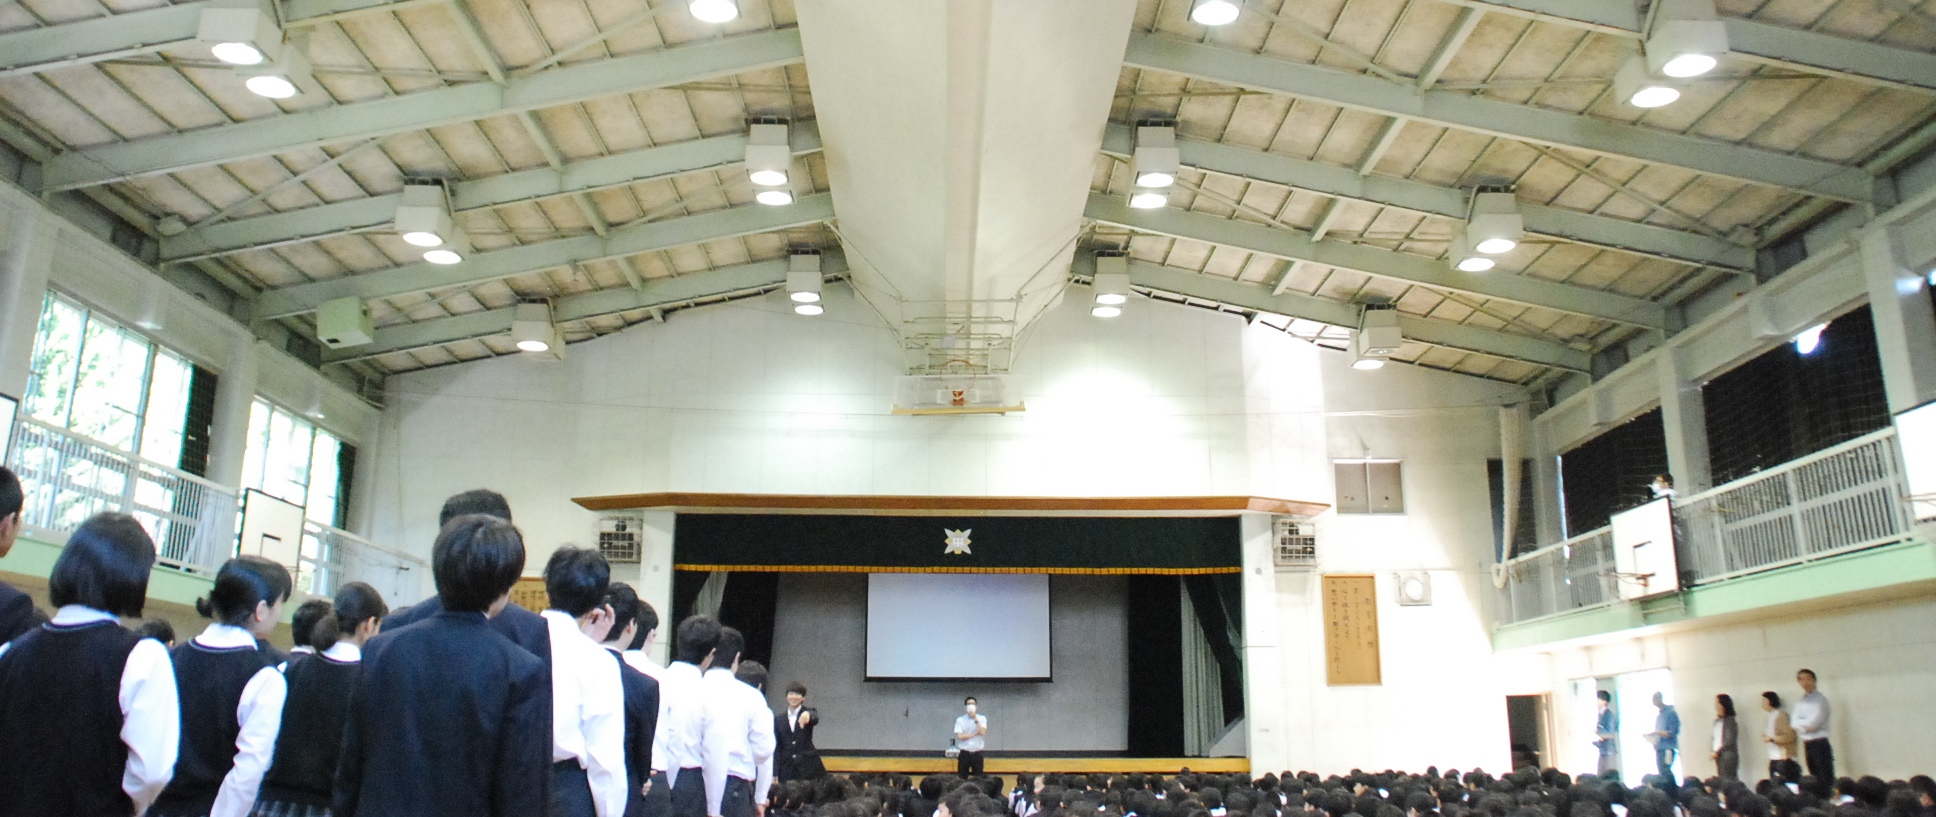 東日本大震災の教訓とは 避難訓練の大切さ